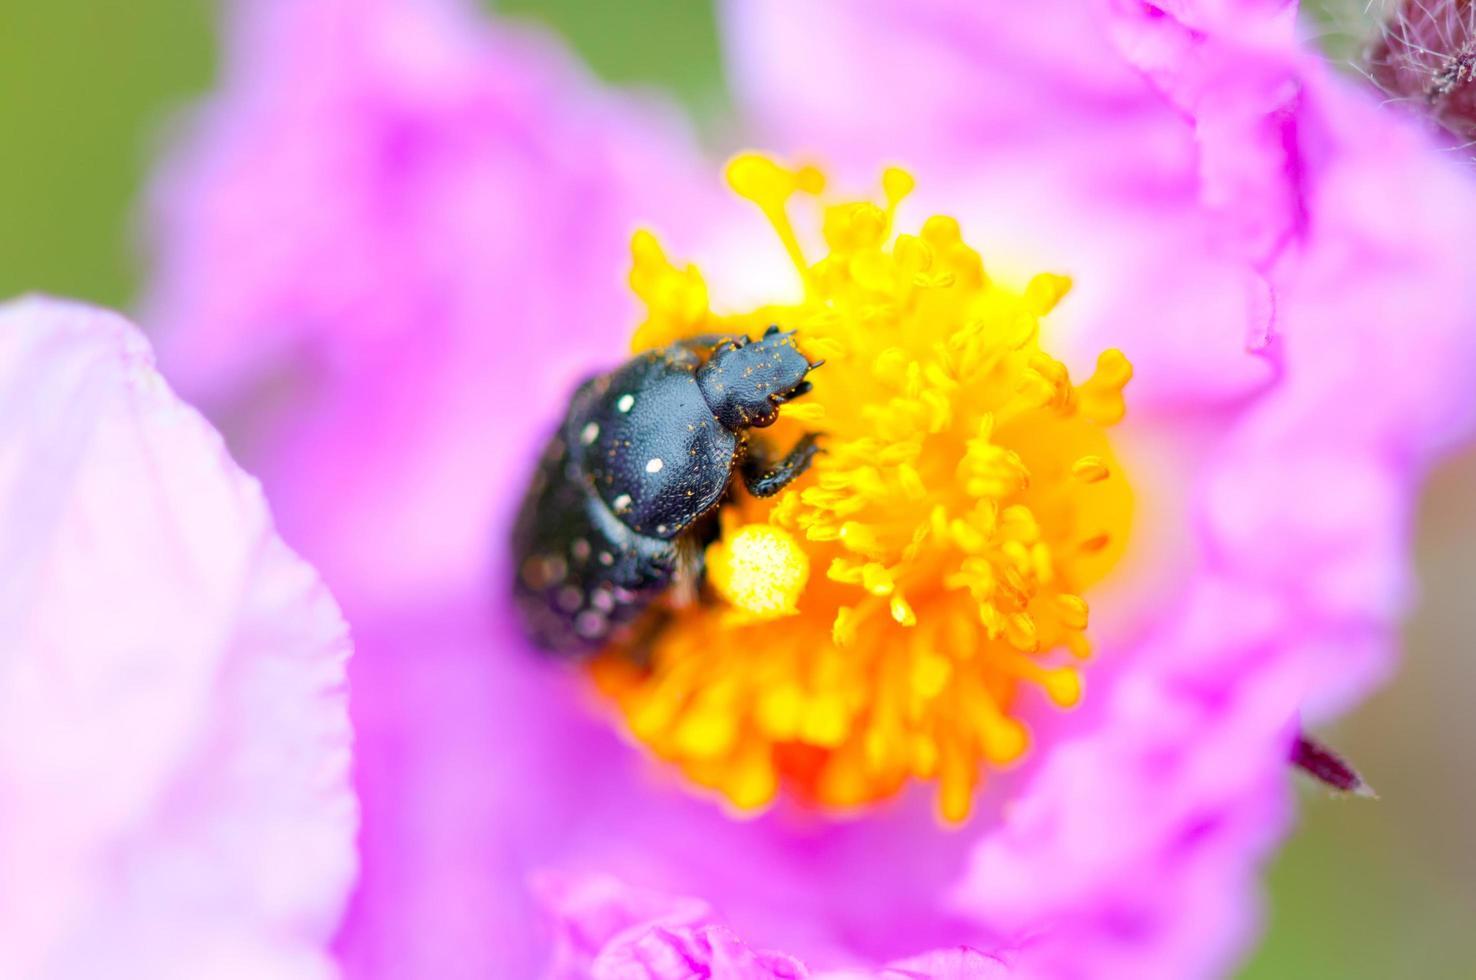 zwarte bug op een roze bloem foto